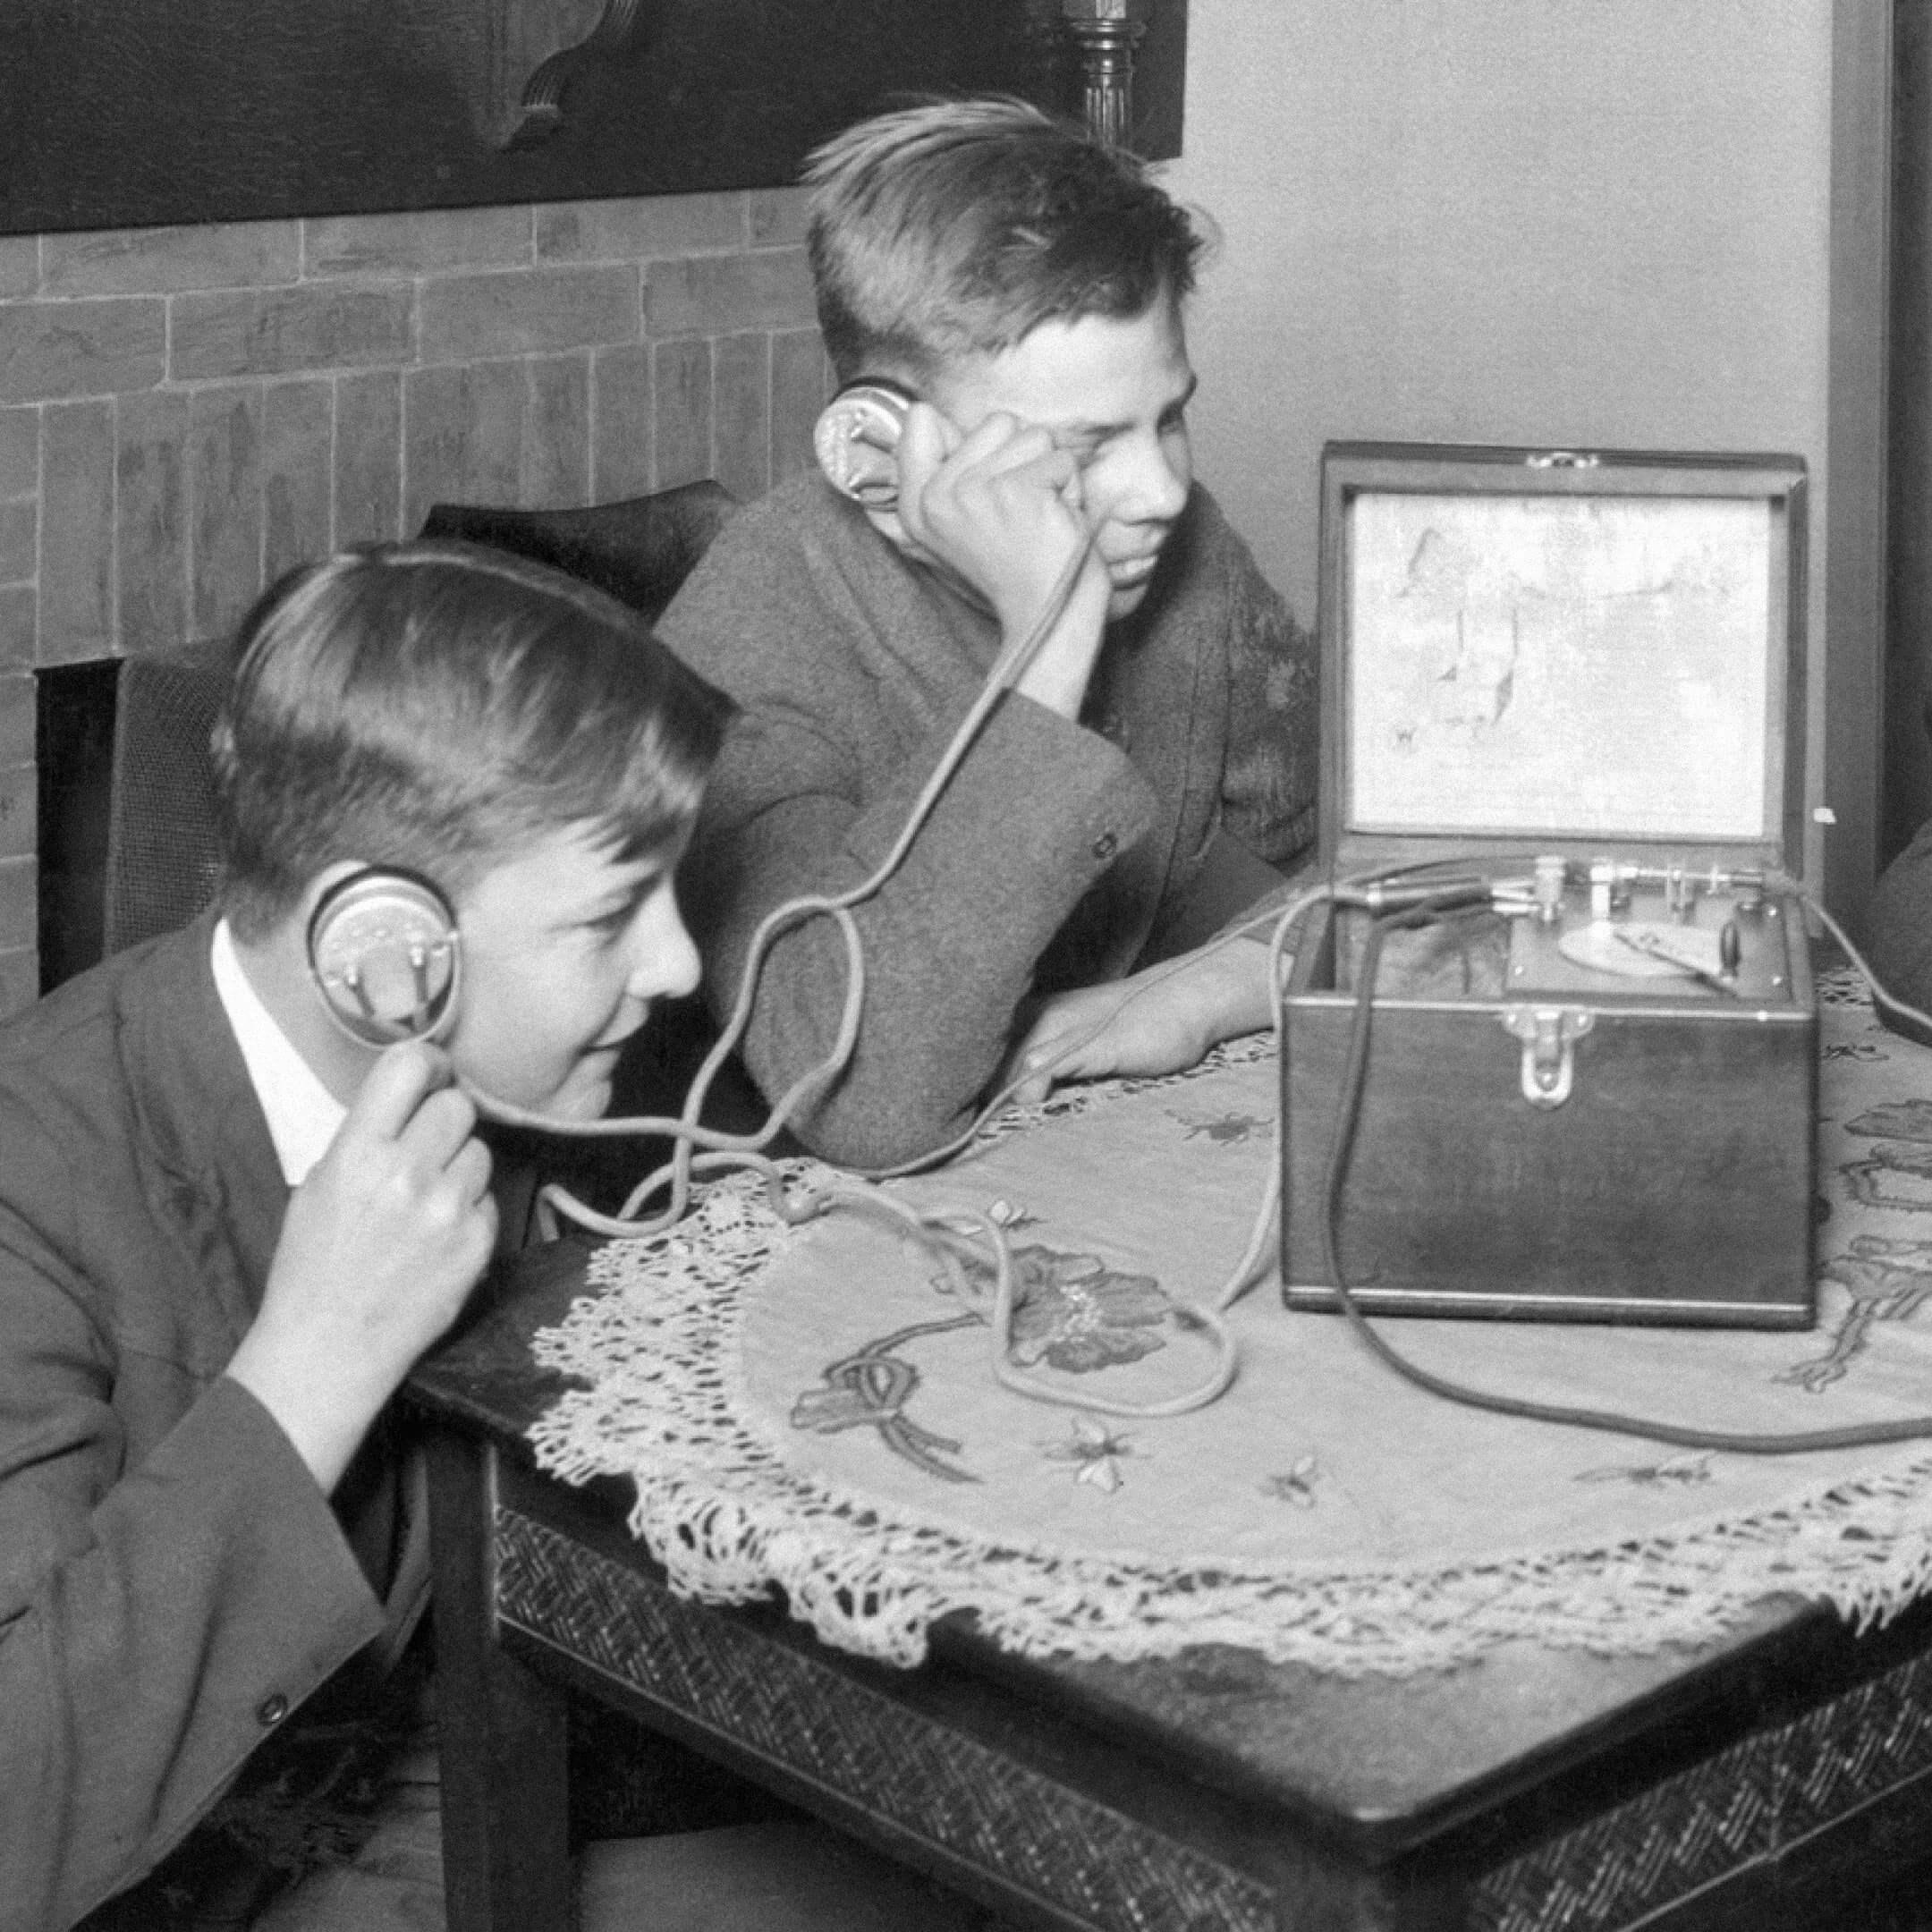 Дети слушают радио внаушниках (1920-е). Источник: insdrcdn.com